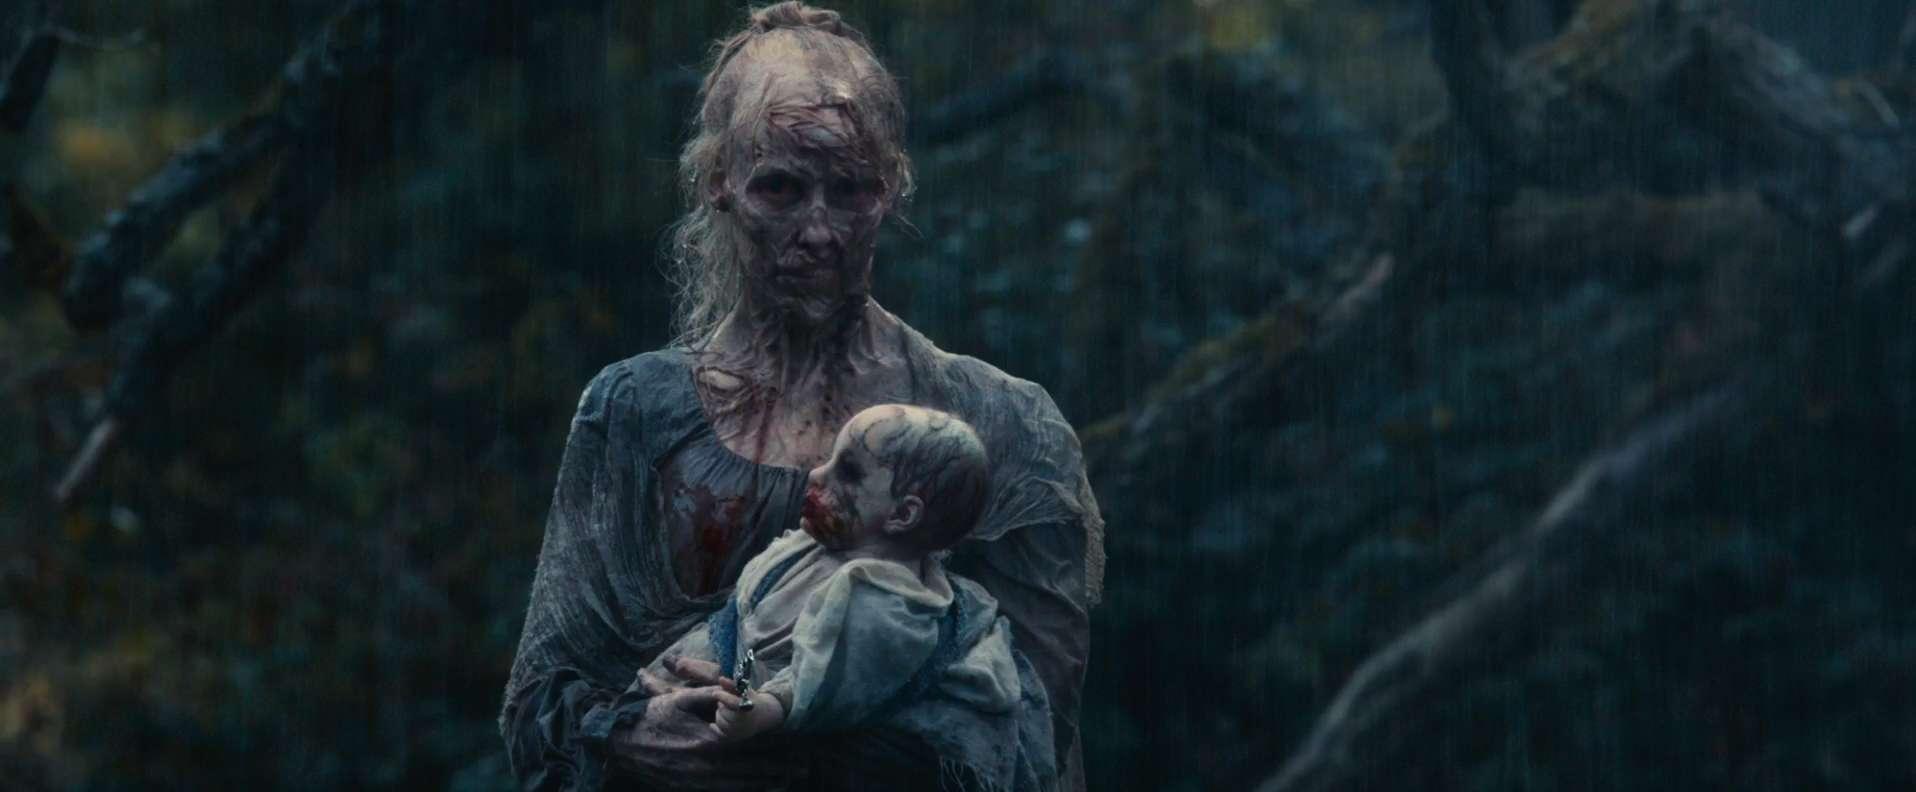 Гордость и предубеждение и зомби | WEB-DL 1080p | P